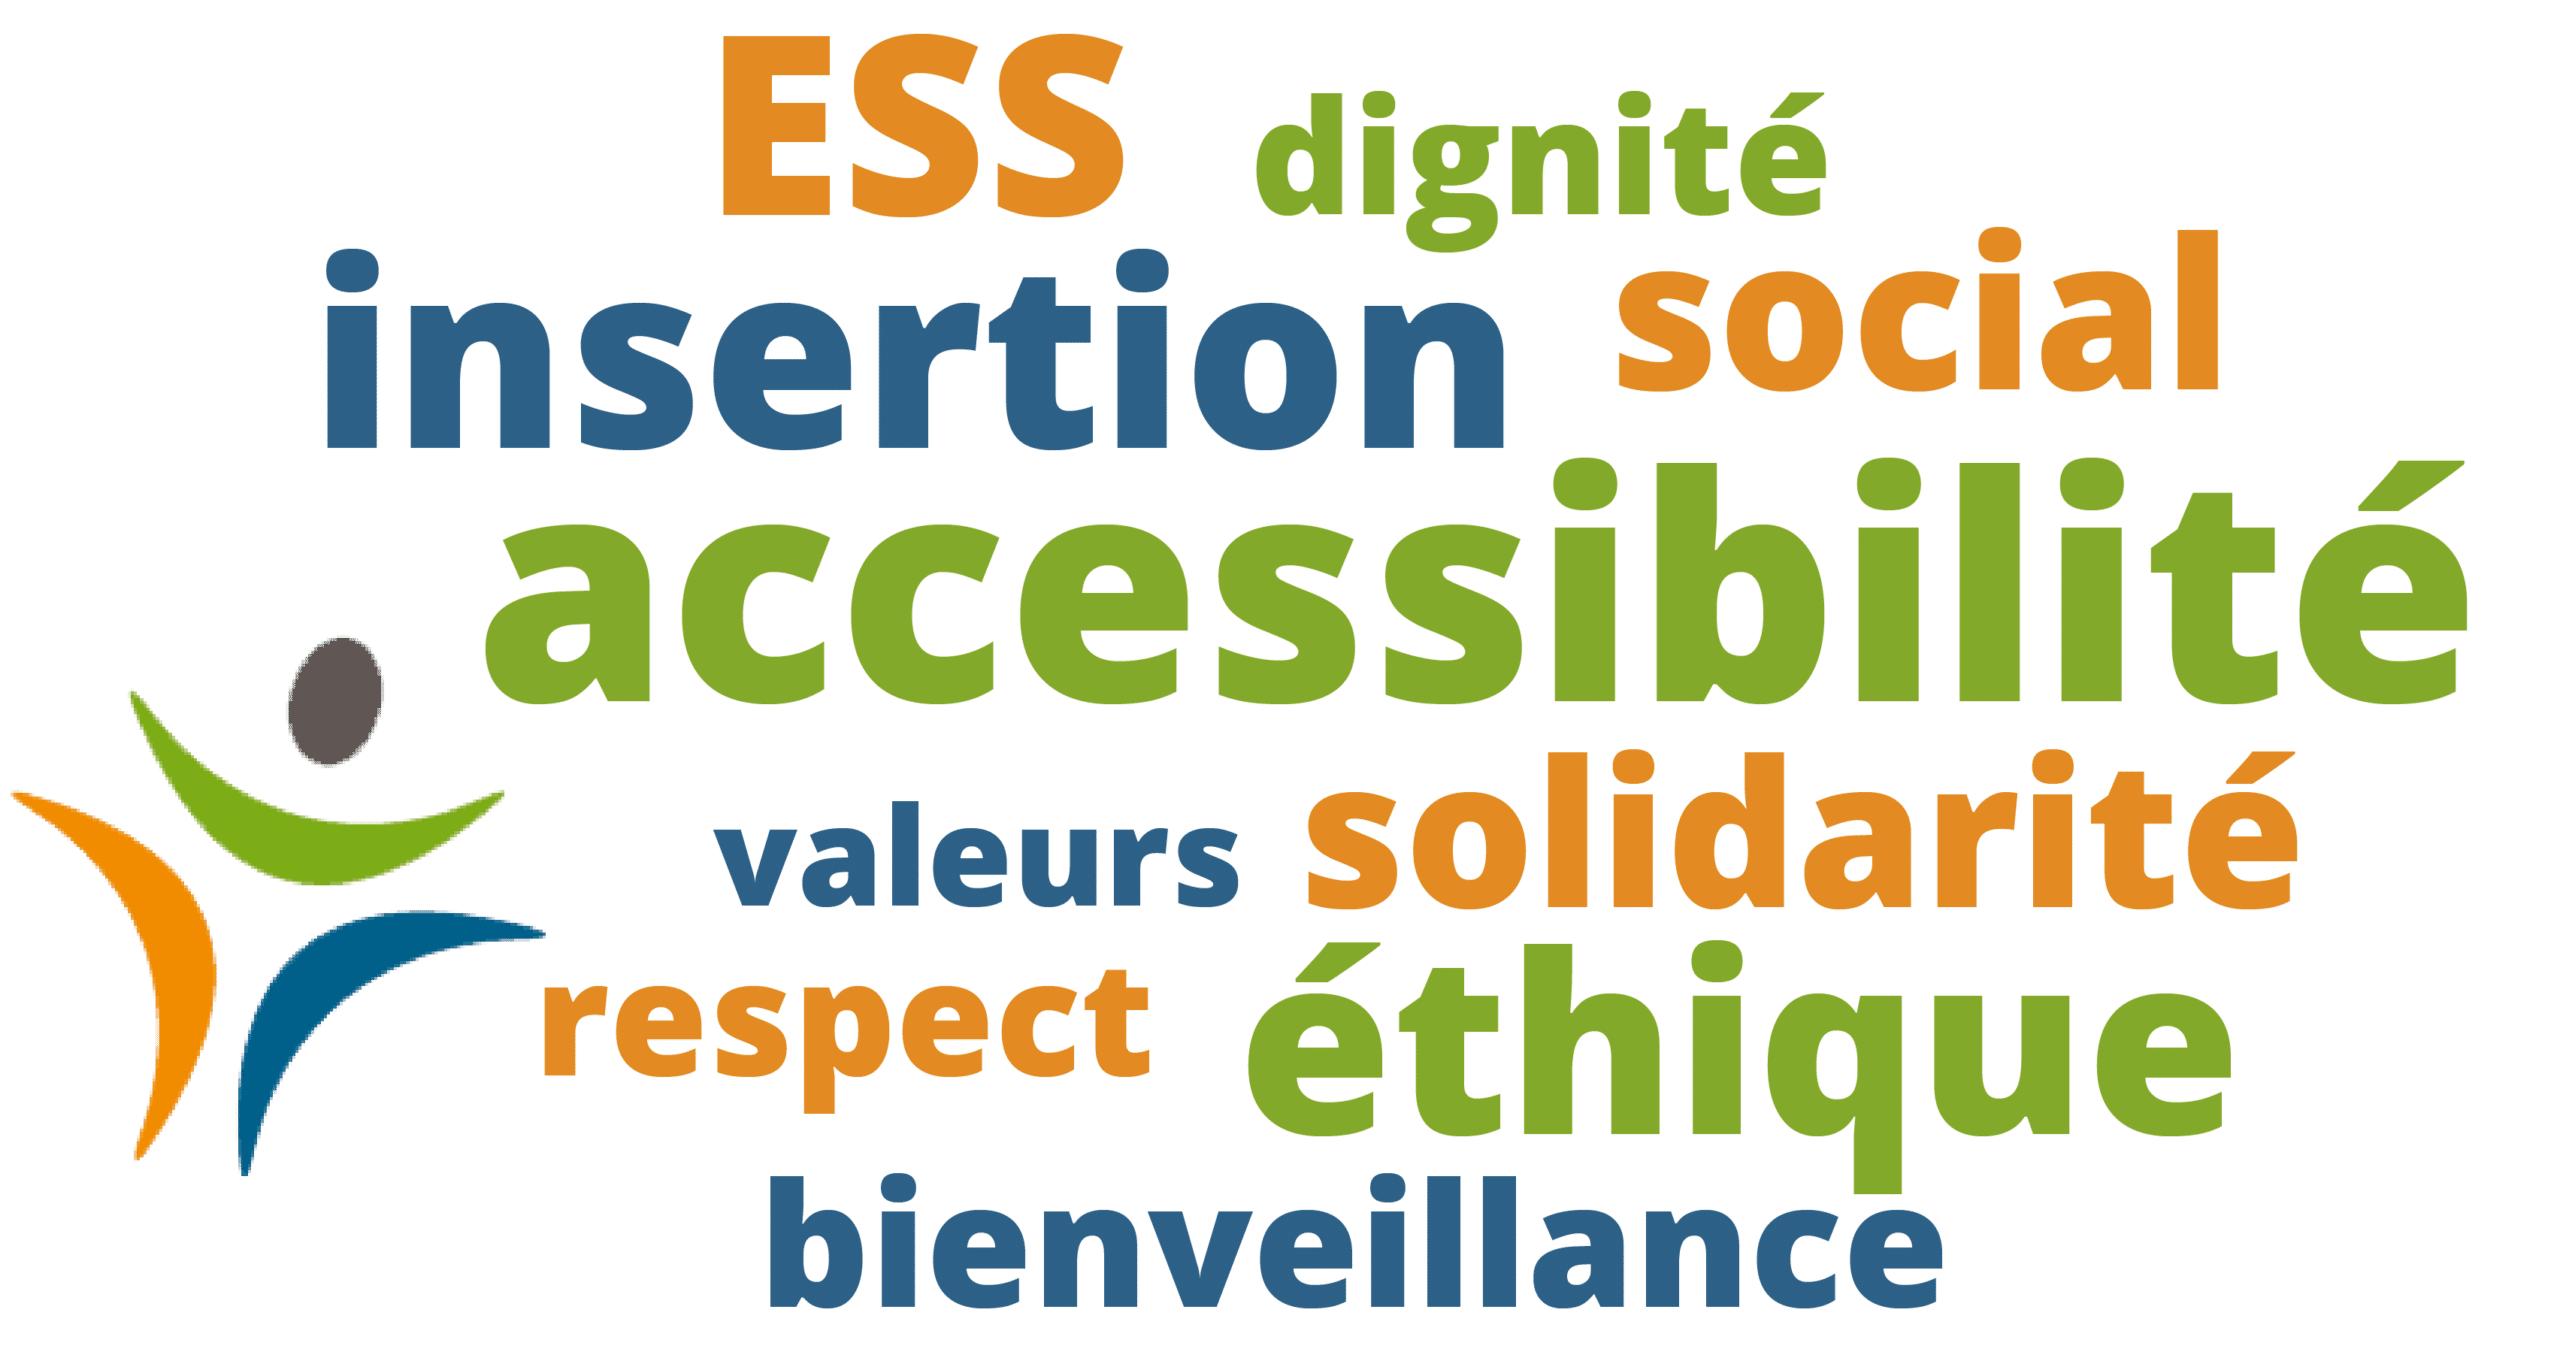 Nuage de mots: accessibilité, insertion, ESS, dignité, social, éthique, valeurs, respect, bienveillance